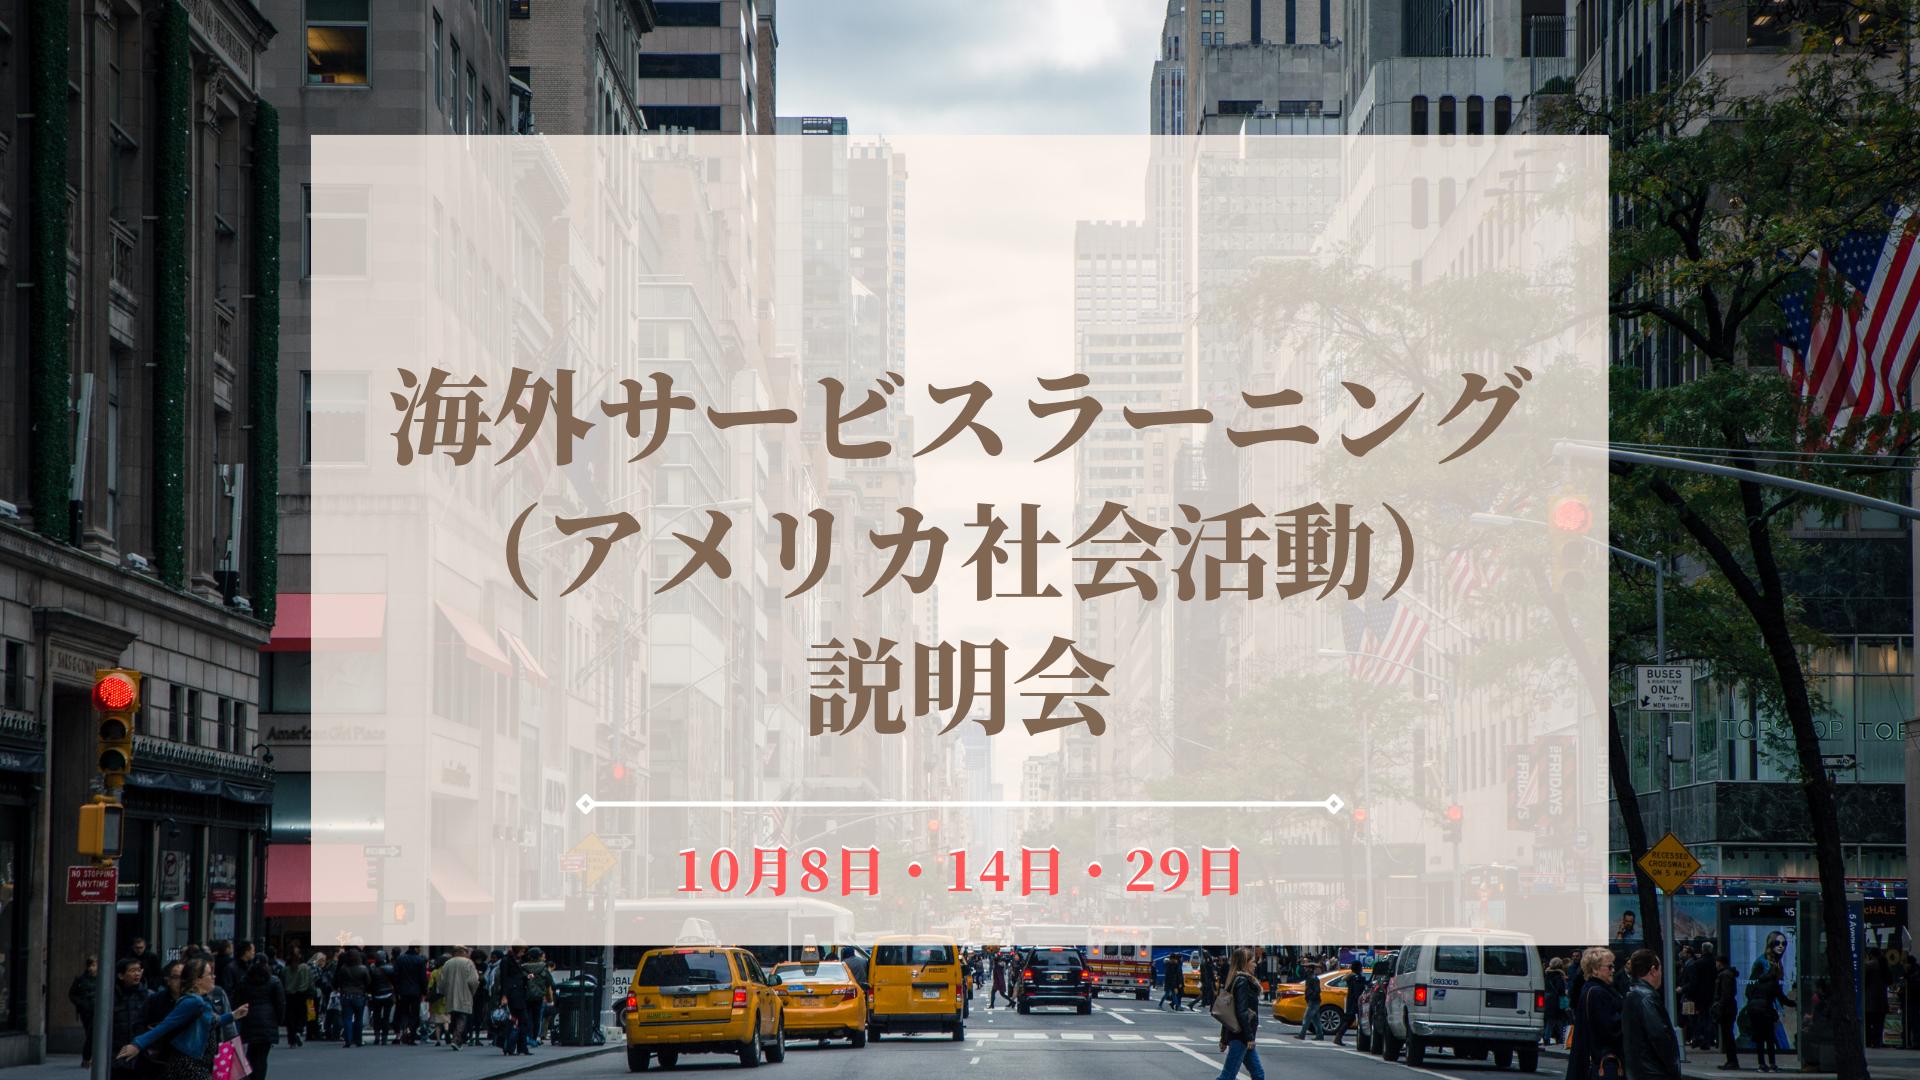 【説明会開催】10/8, 10/14, 10/29  海外サービスラーニング(アメリカ社会活動)説明会